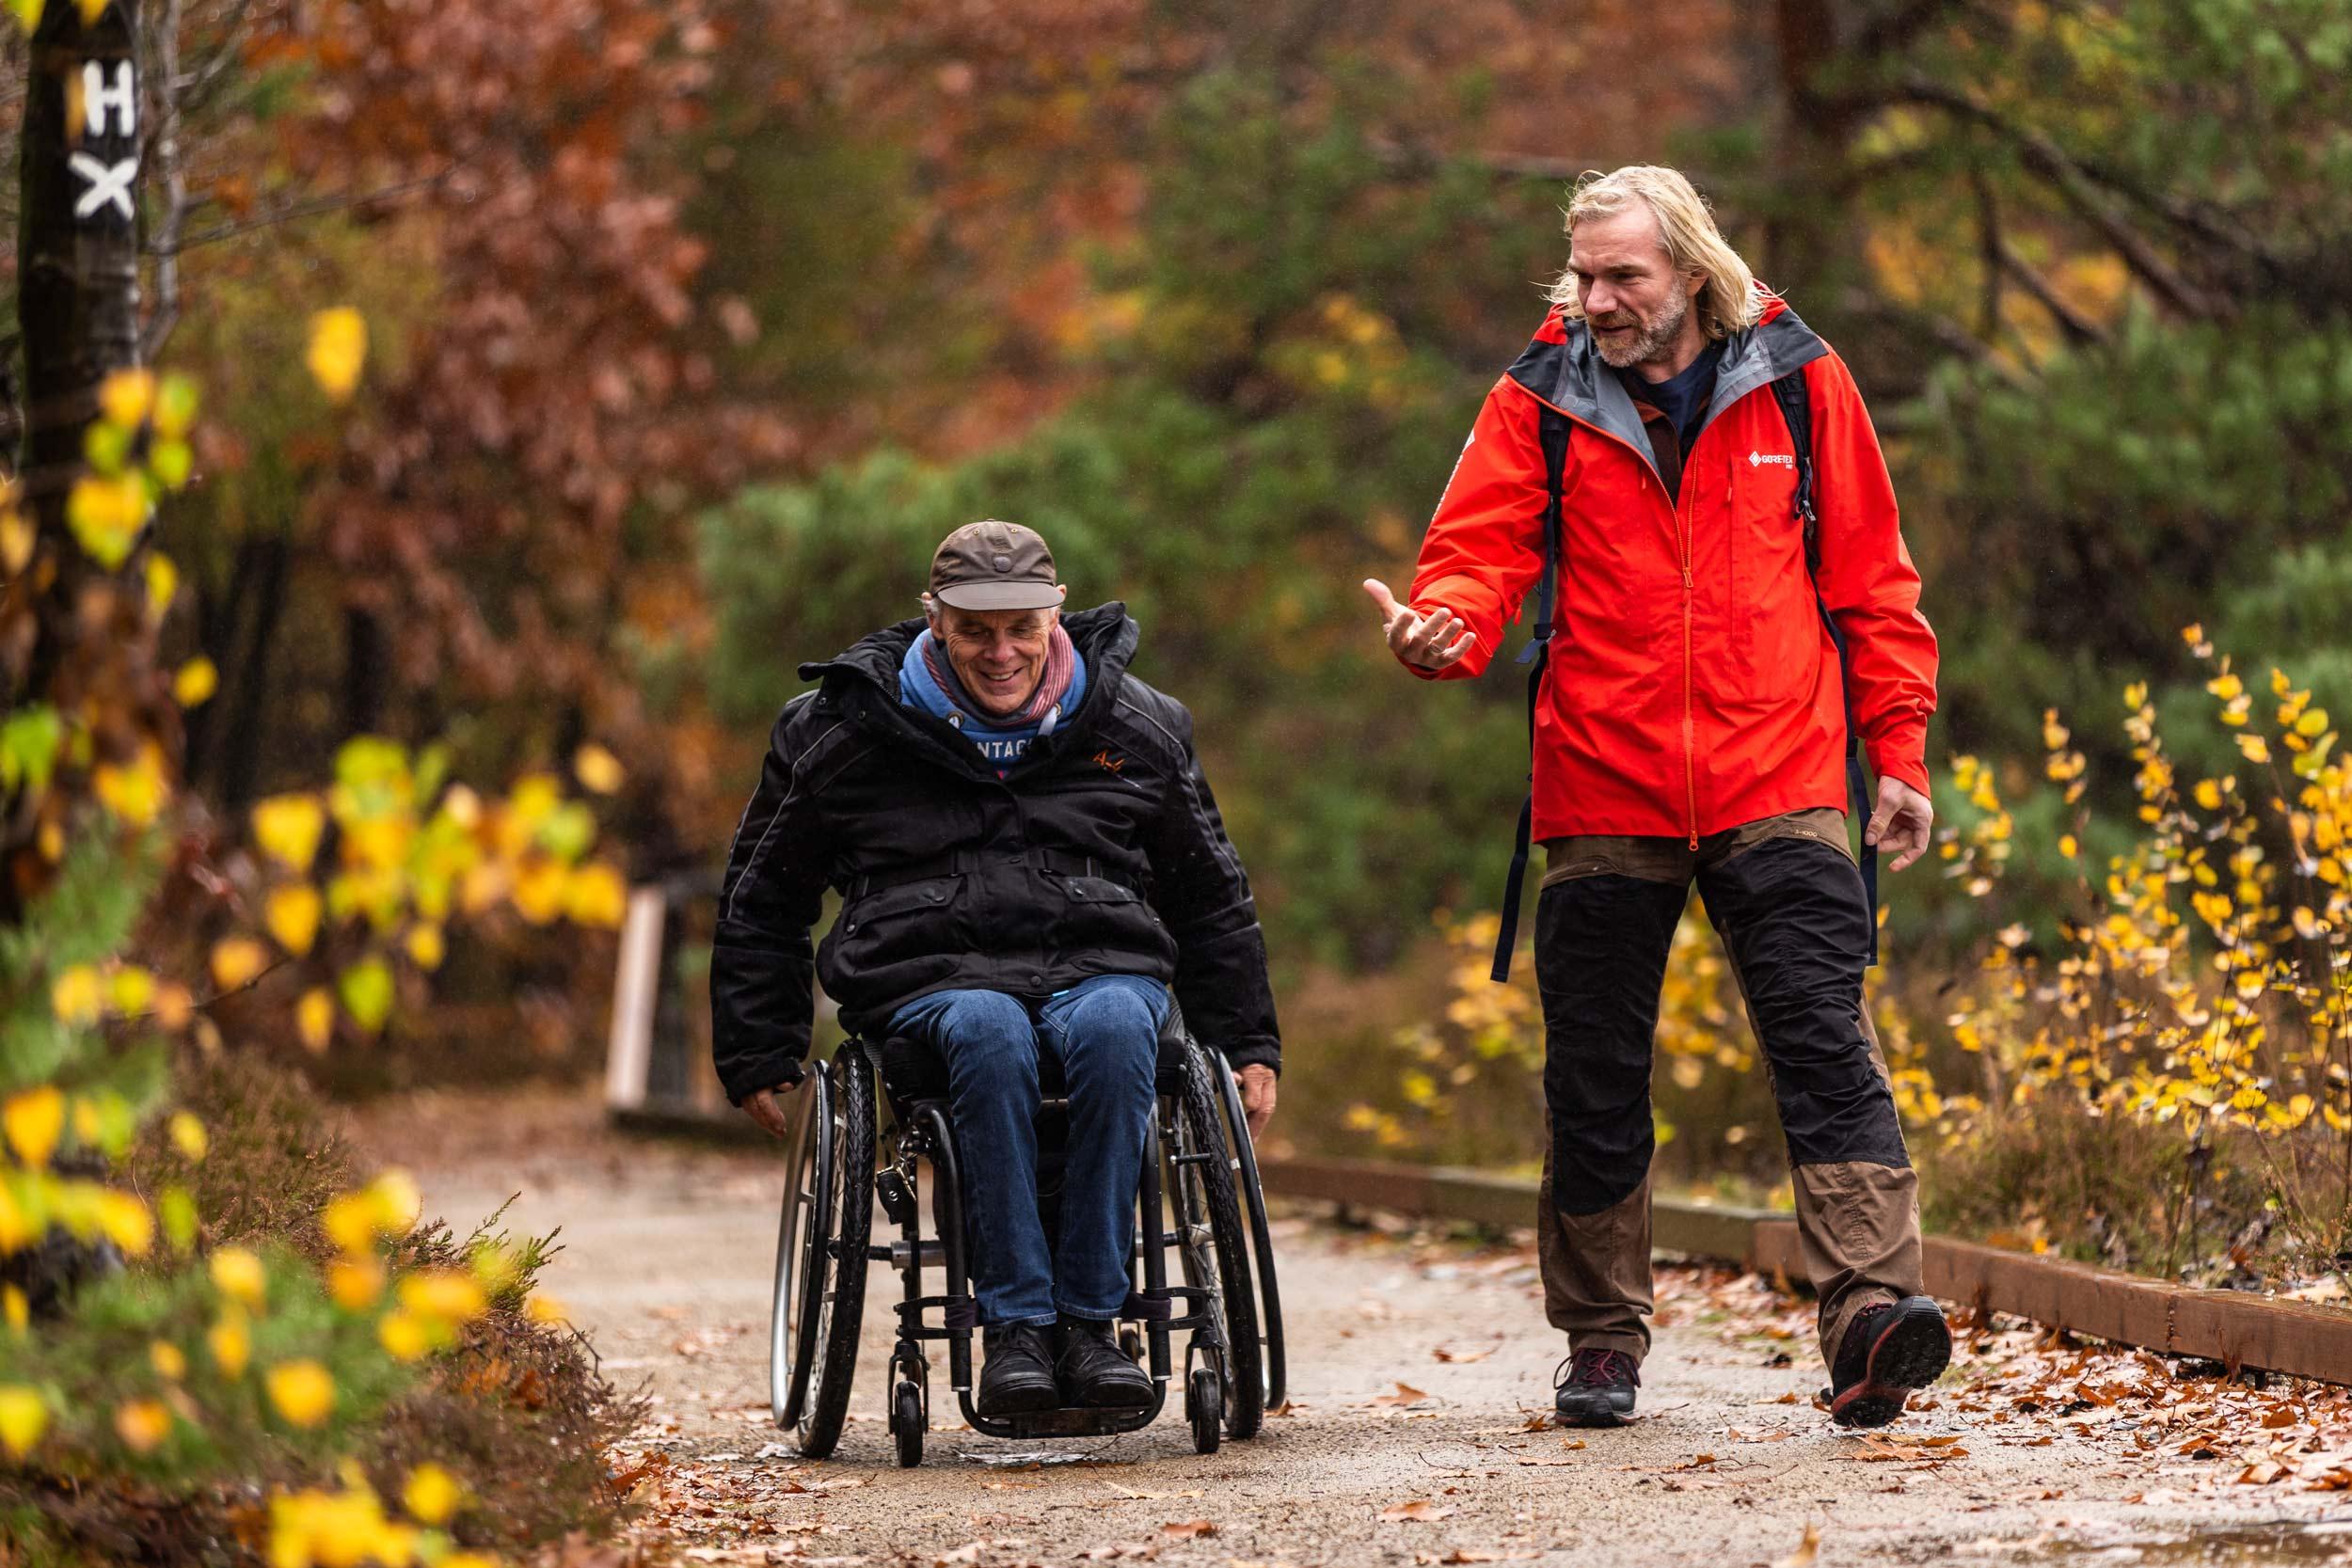 Thorsten Hoyer ist mit Andreas Pröve in der Lüneburger Heide unterwegs © Ole Windgaßen